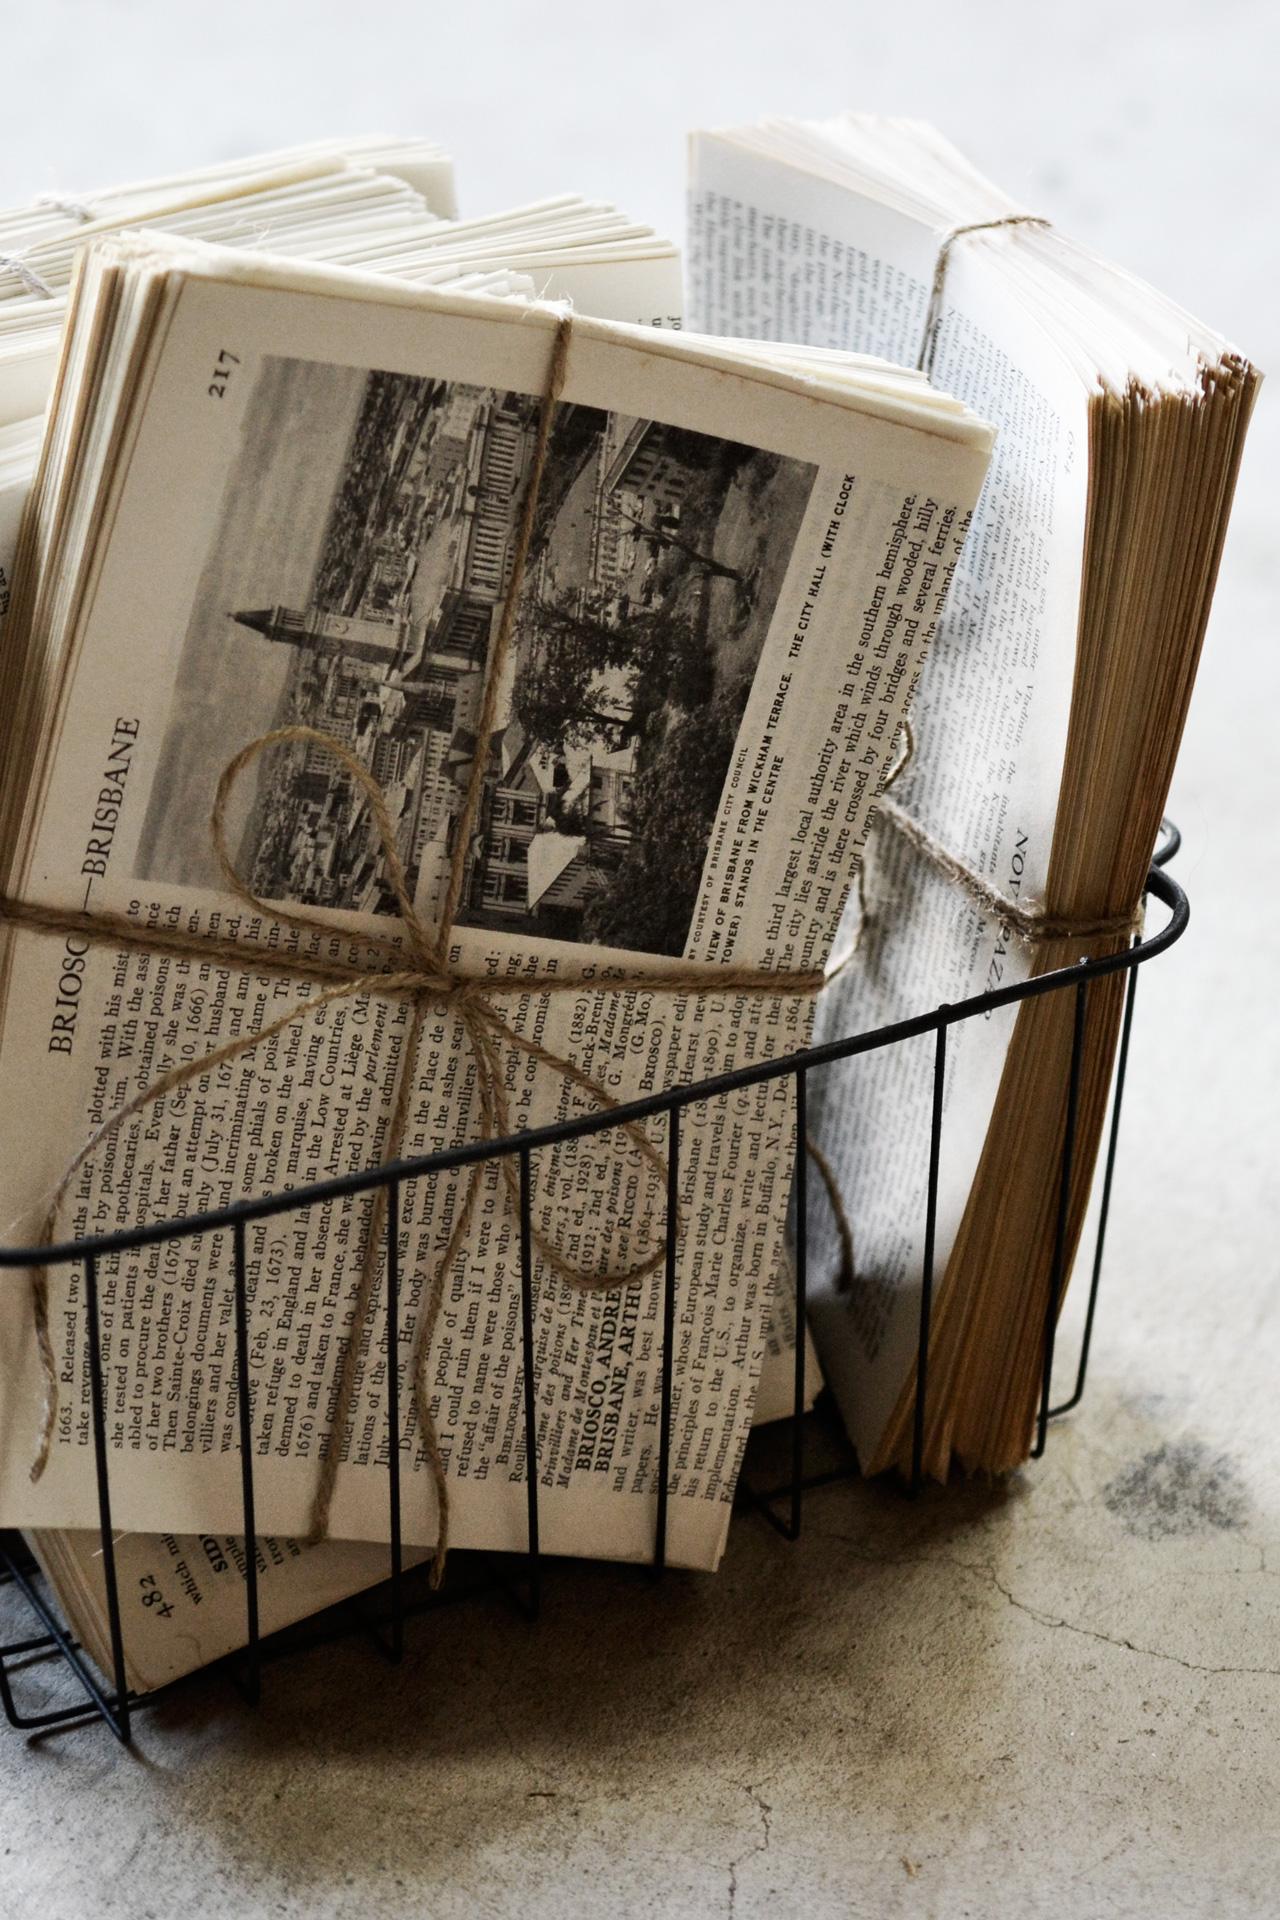 ワイヤーバスケットに詰め込んだページの束